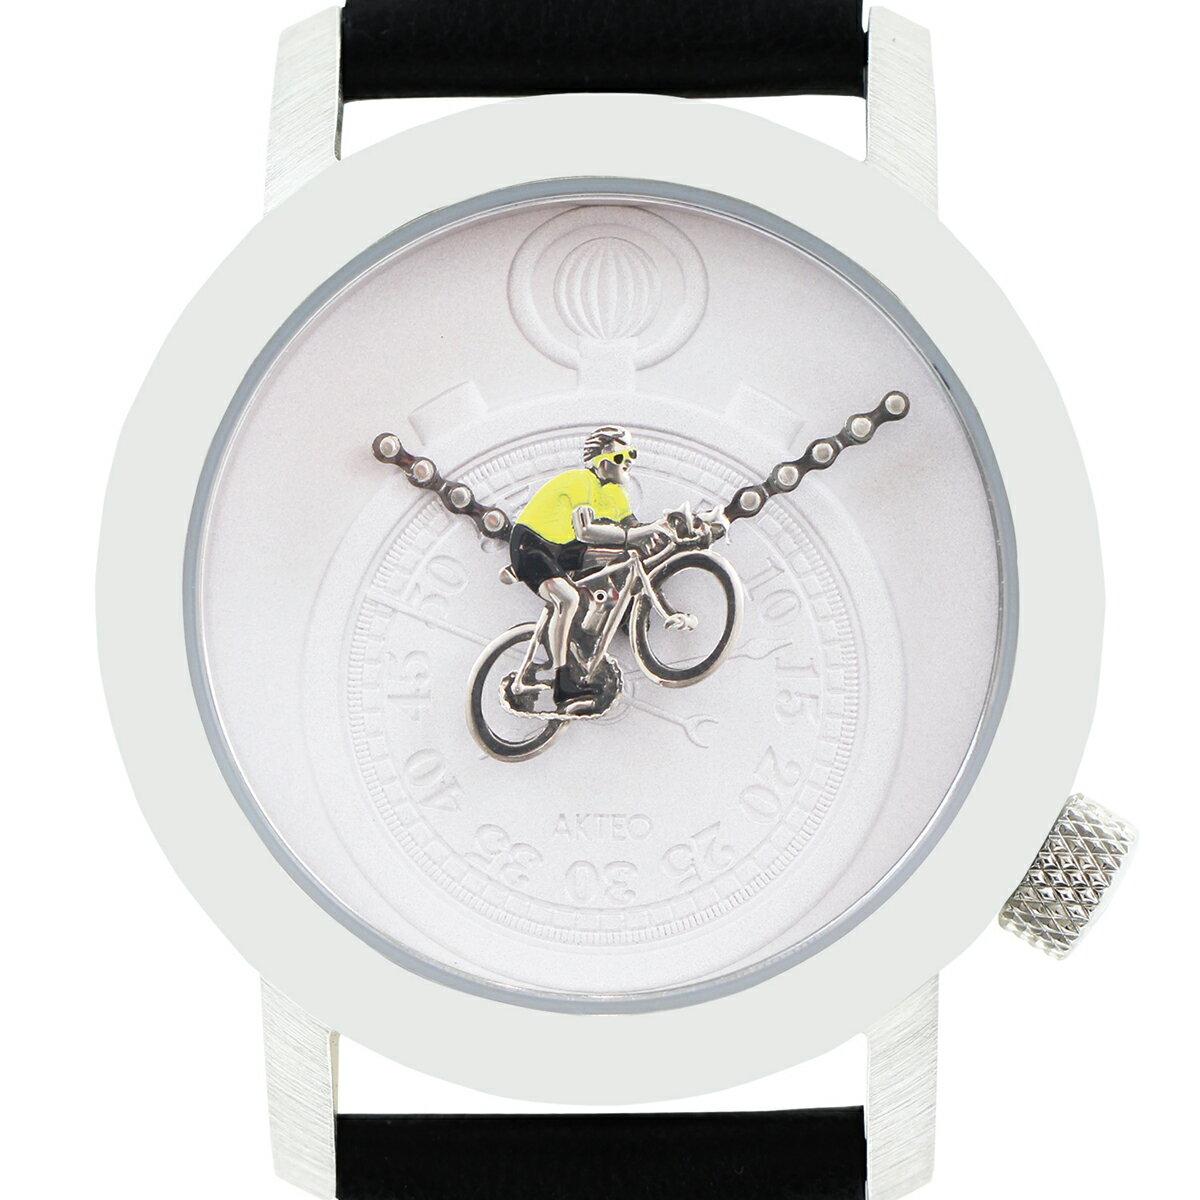 アクテオ AKTEO   腕時計  34mm CYCLIST 02  時計 ブラック フランス製【05P03Dec16】【05P03Dec16】 正規品。アートとテクノロジーが完璧に融合!フランスの「時計の街」から歴史と伝統の確かな技術を。